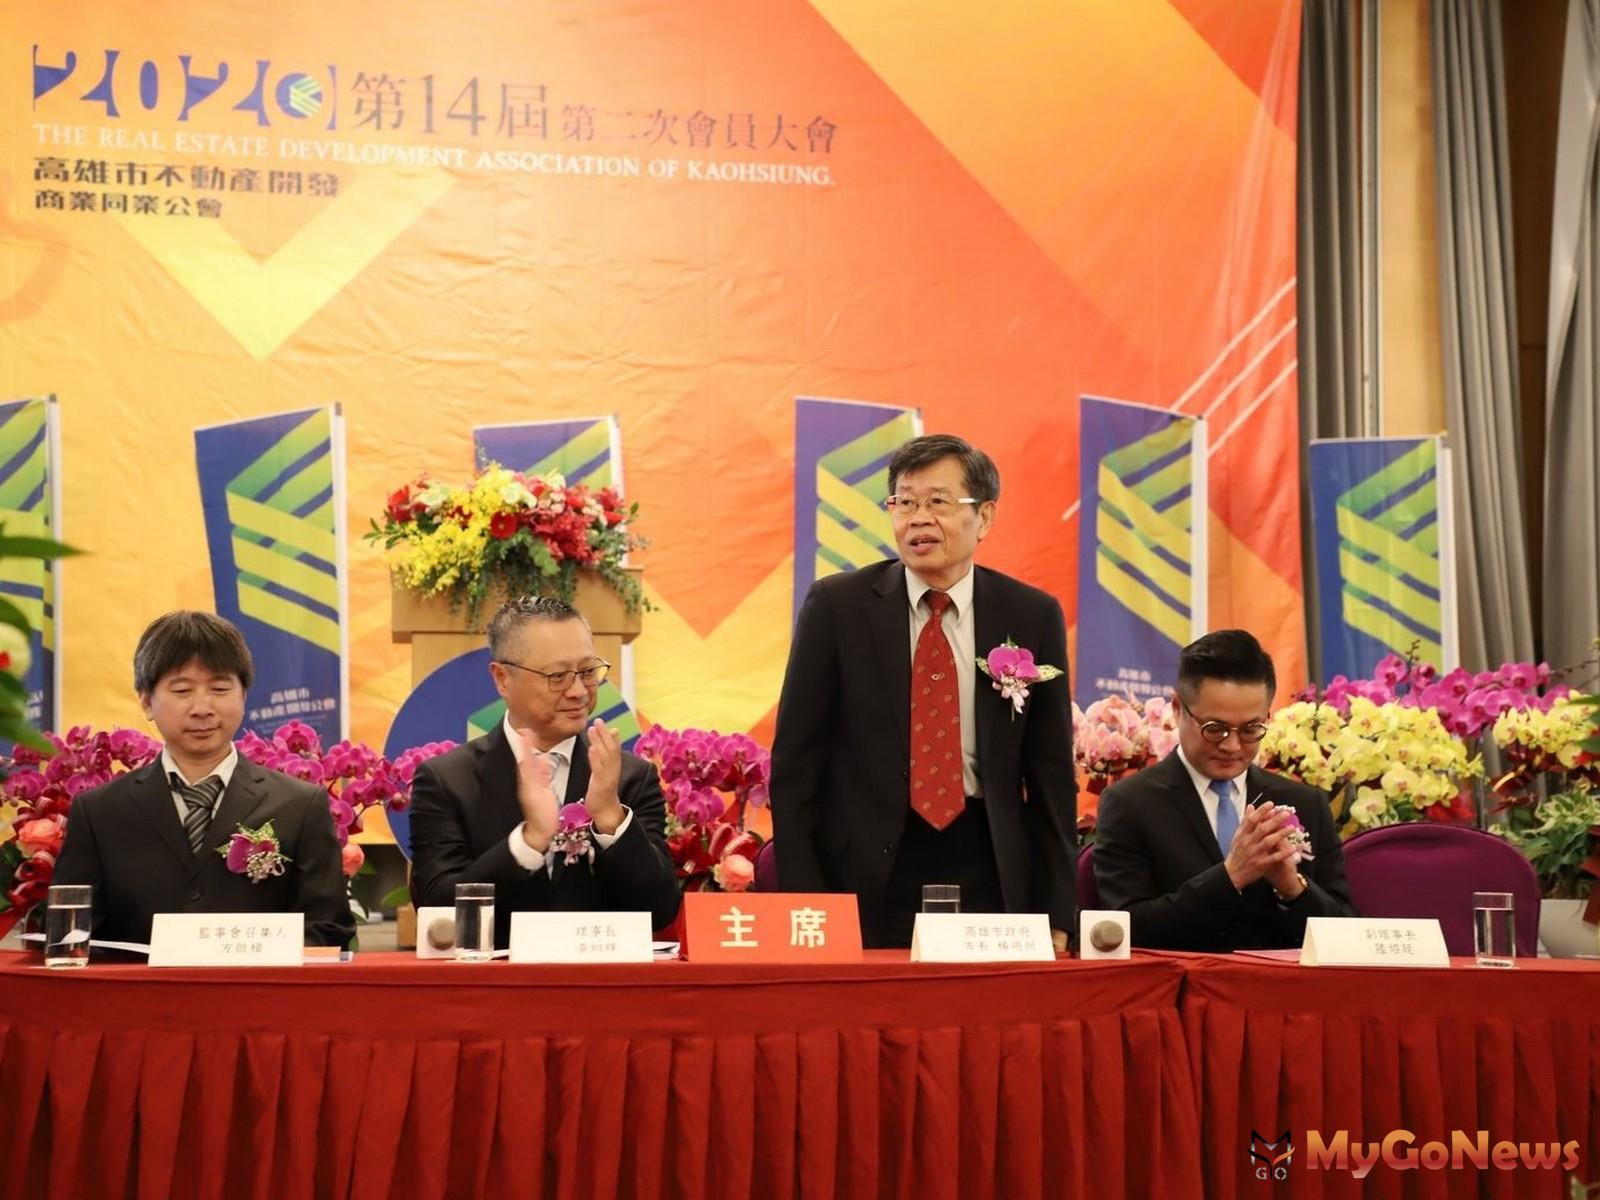 出席高雄不動產開發會員大會,楊明州強調高市產業正在轉型(圖:高雄市政府) MyGoNews房地產新聞 區域情報